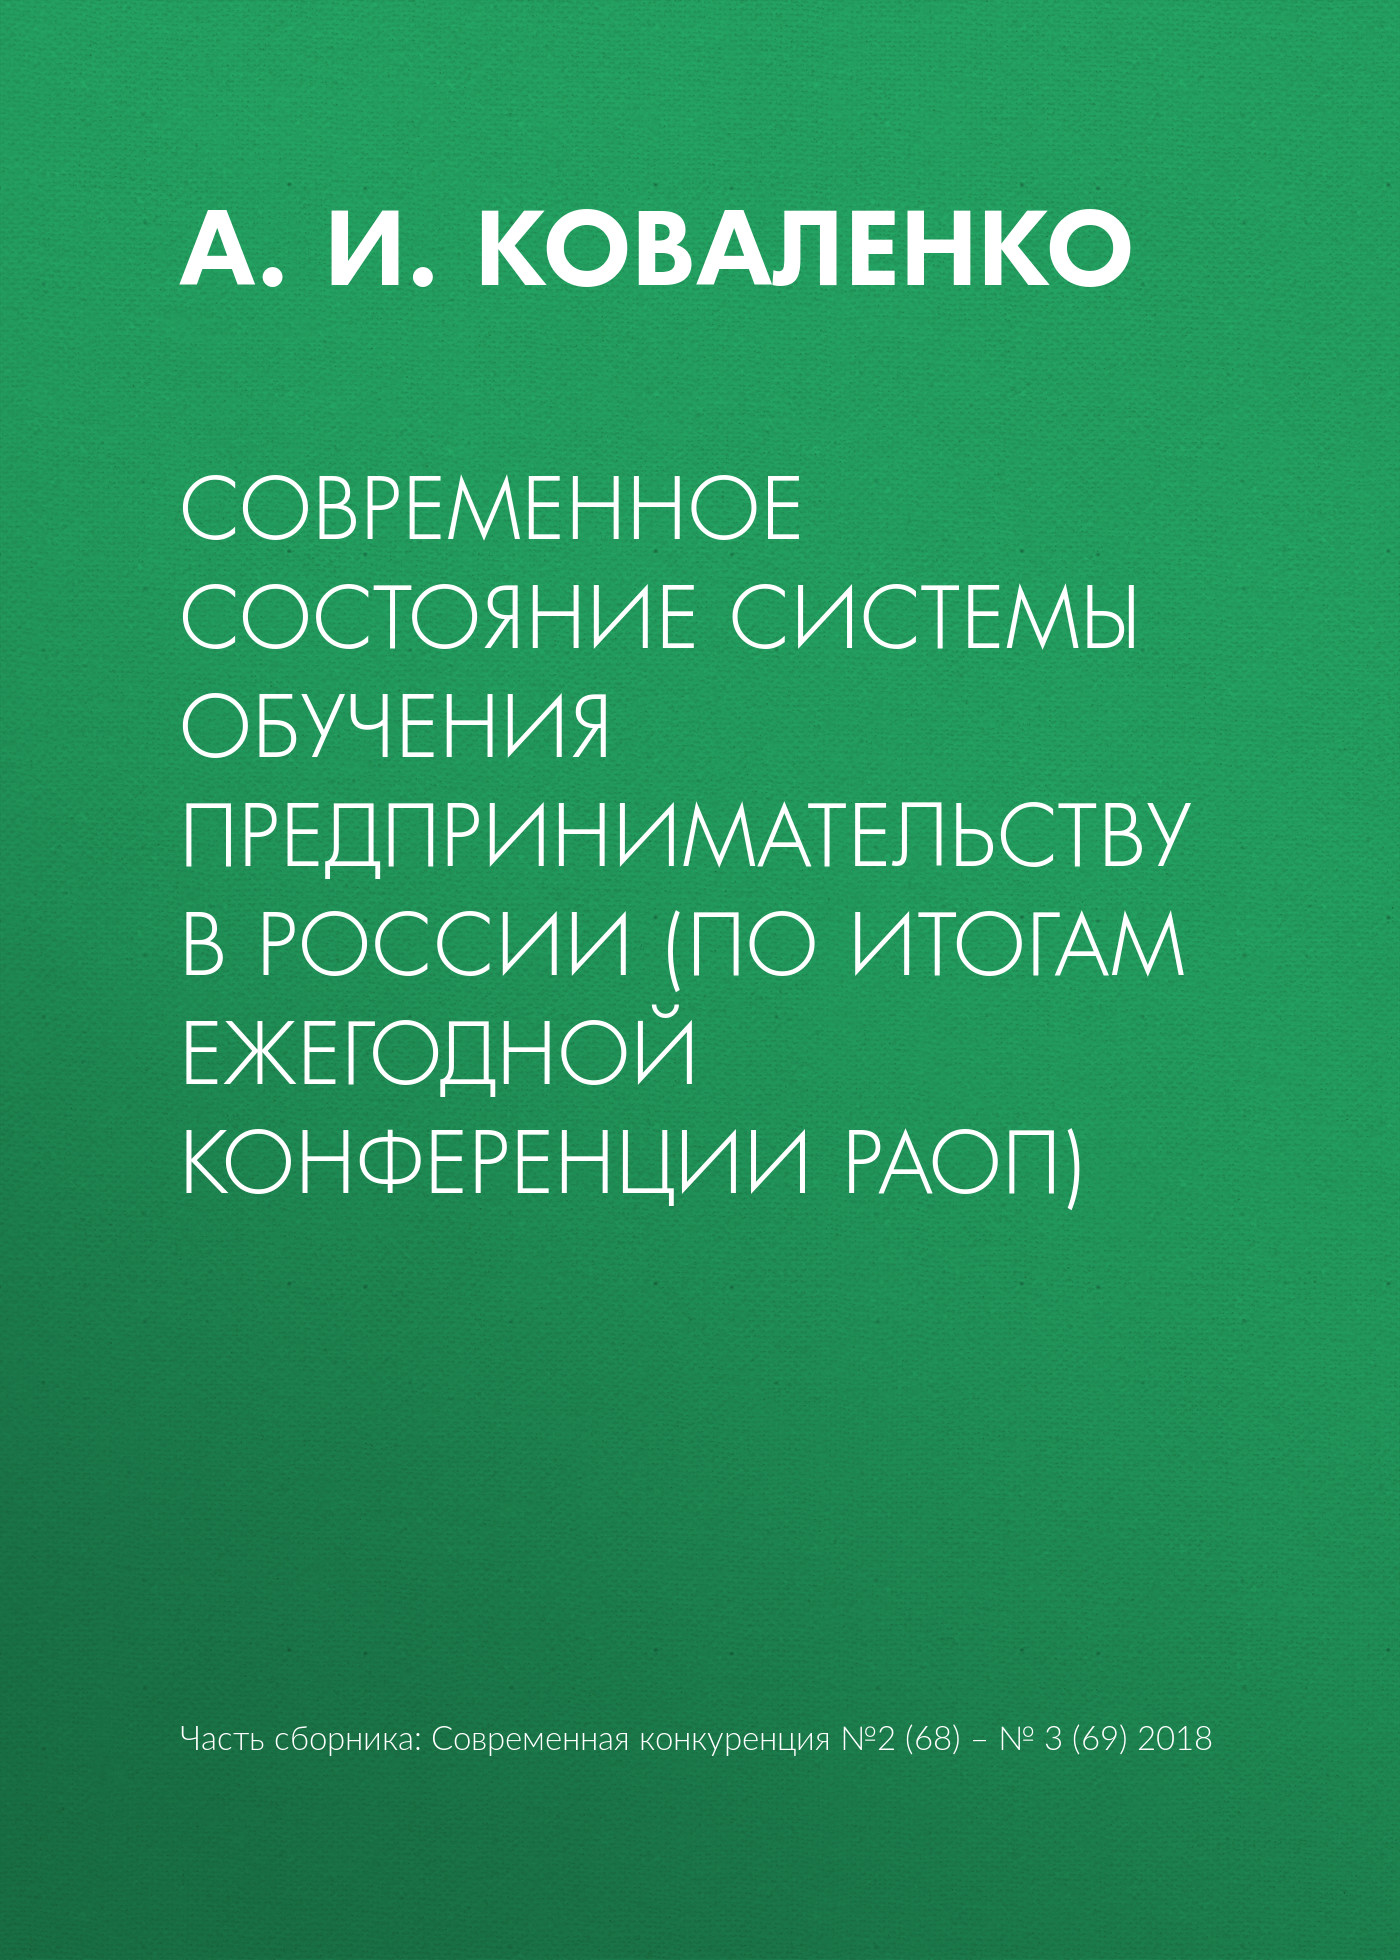 Современное состояние системы обучения предпринимательству в России (по итогам ежегодной конференции РАОП)